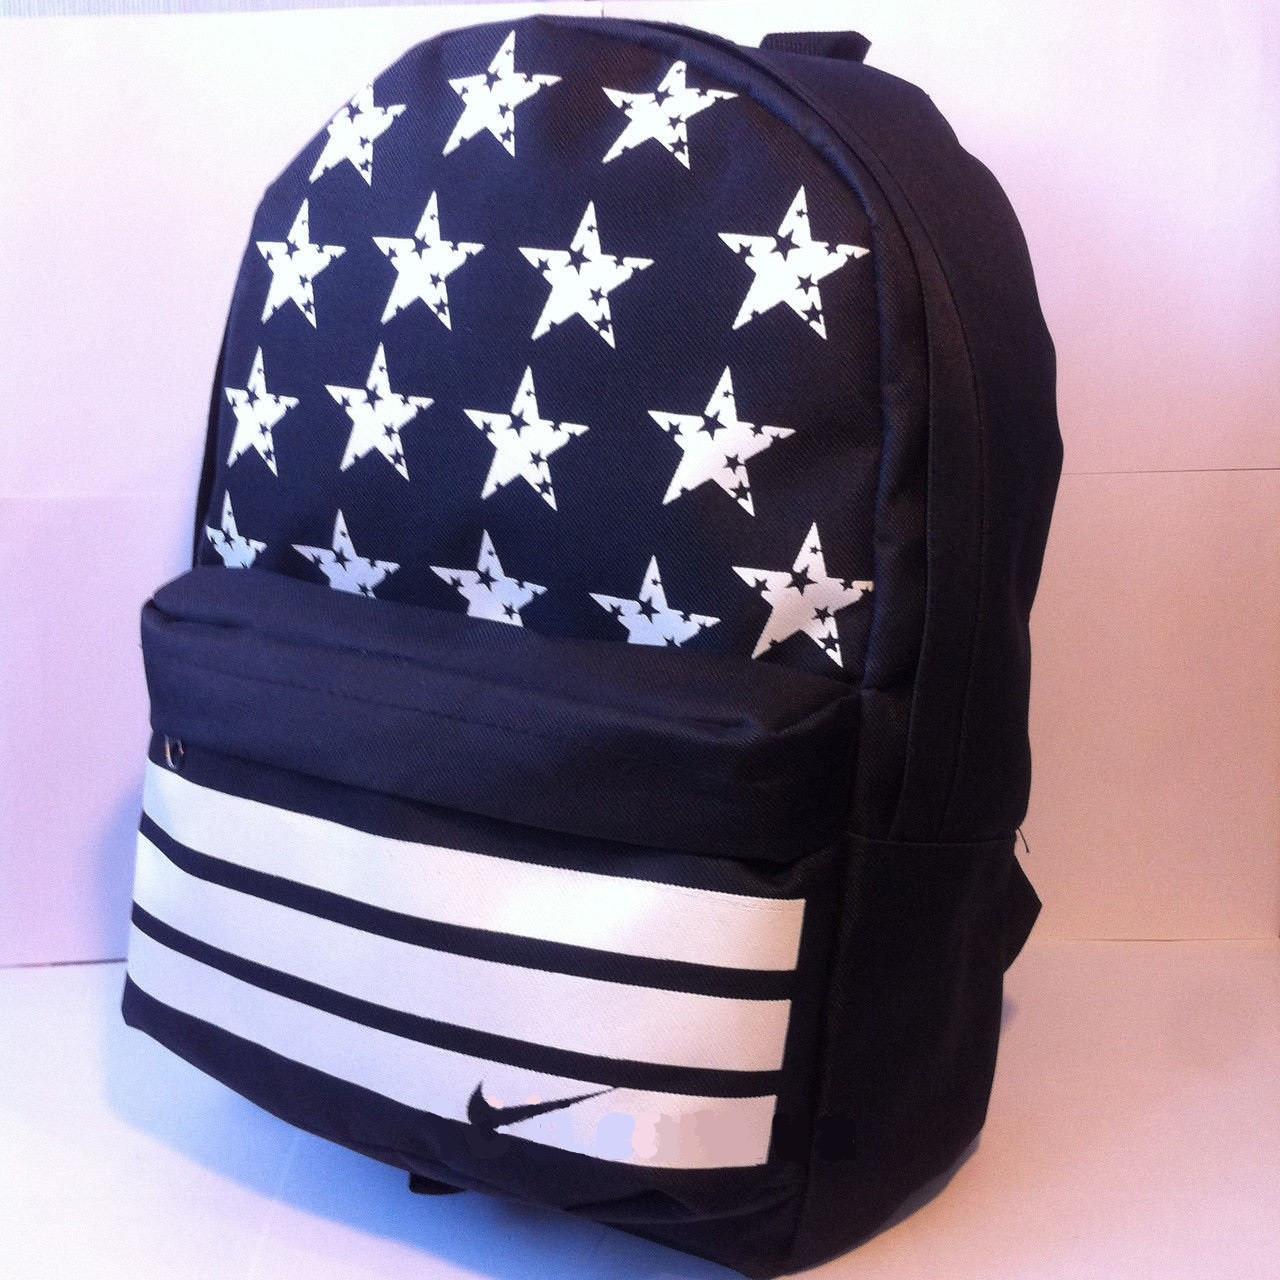 Рюкзак Nike Найк, влагостойкая ткань, городской, спортивная сумка, портфель, черный со звездами